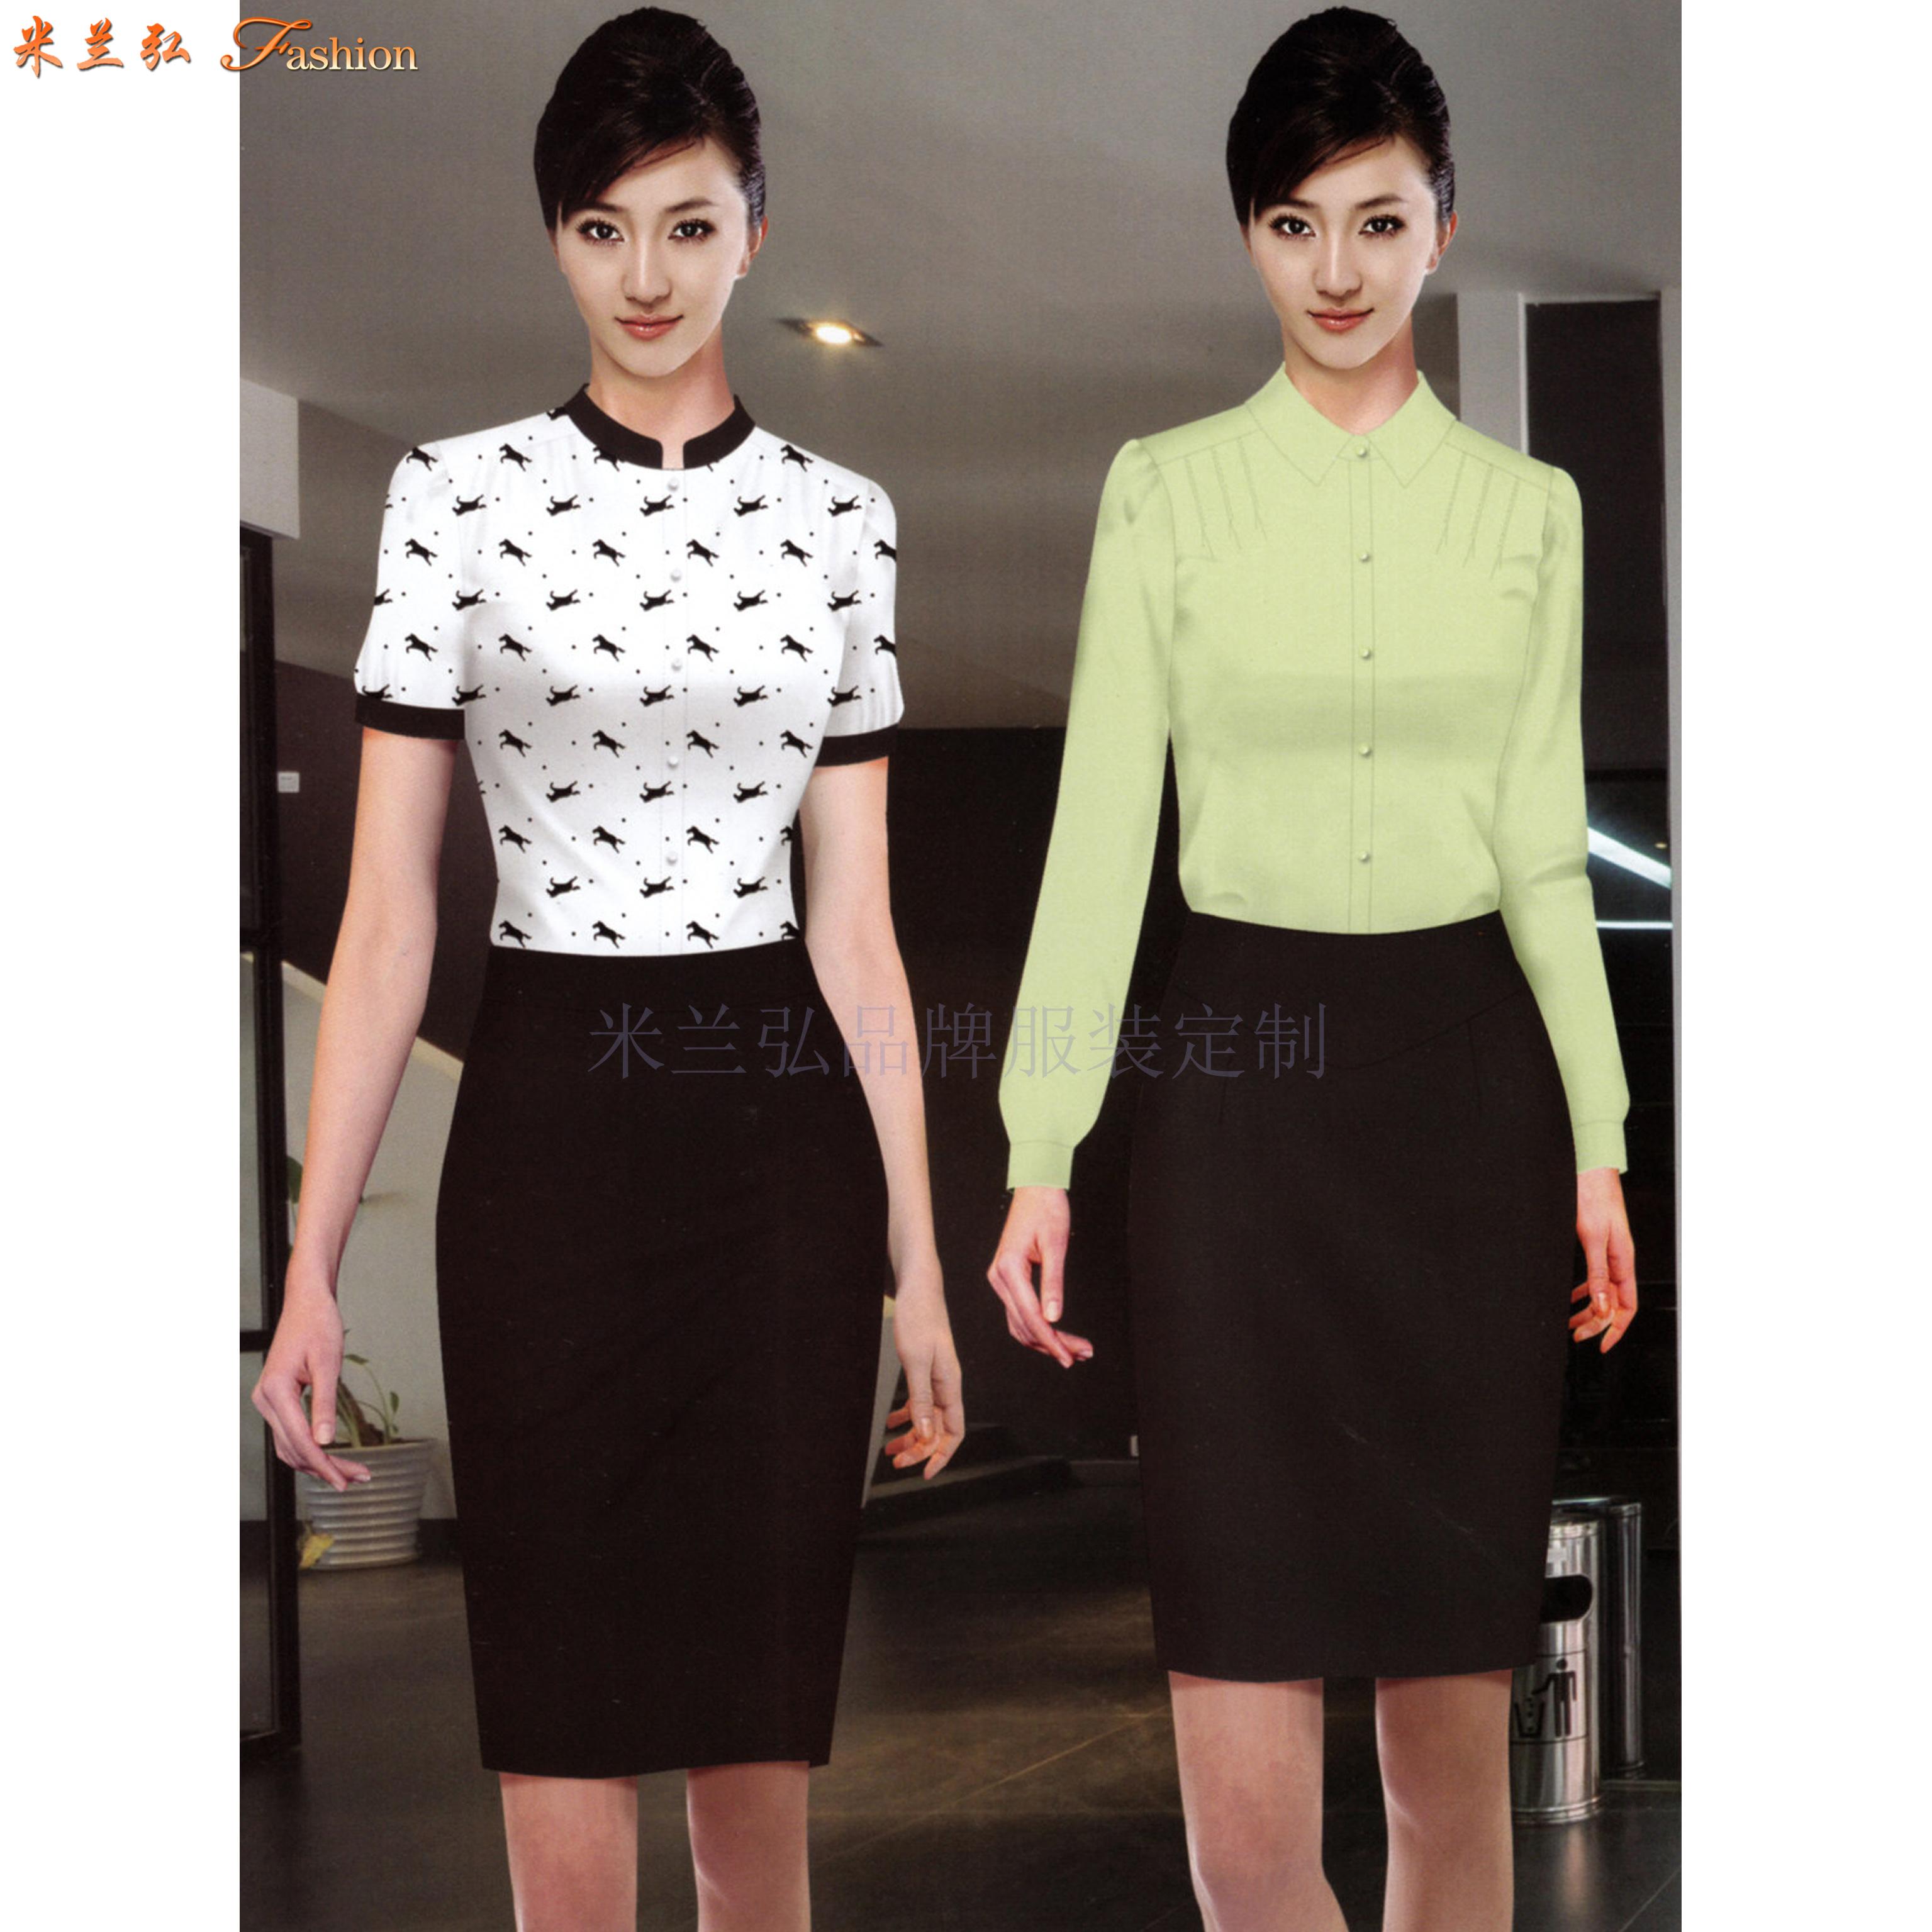 「衬衫」北京量体定制订做免熨商务衬衫的专业厂家-米兰弘服装-4